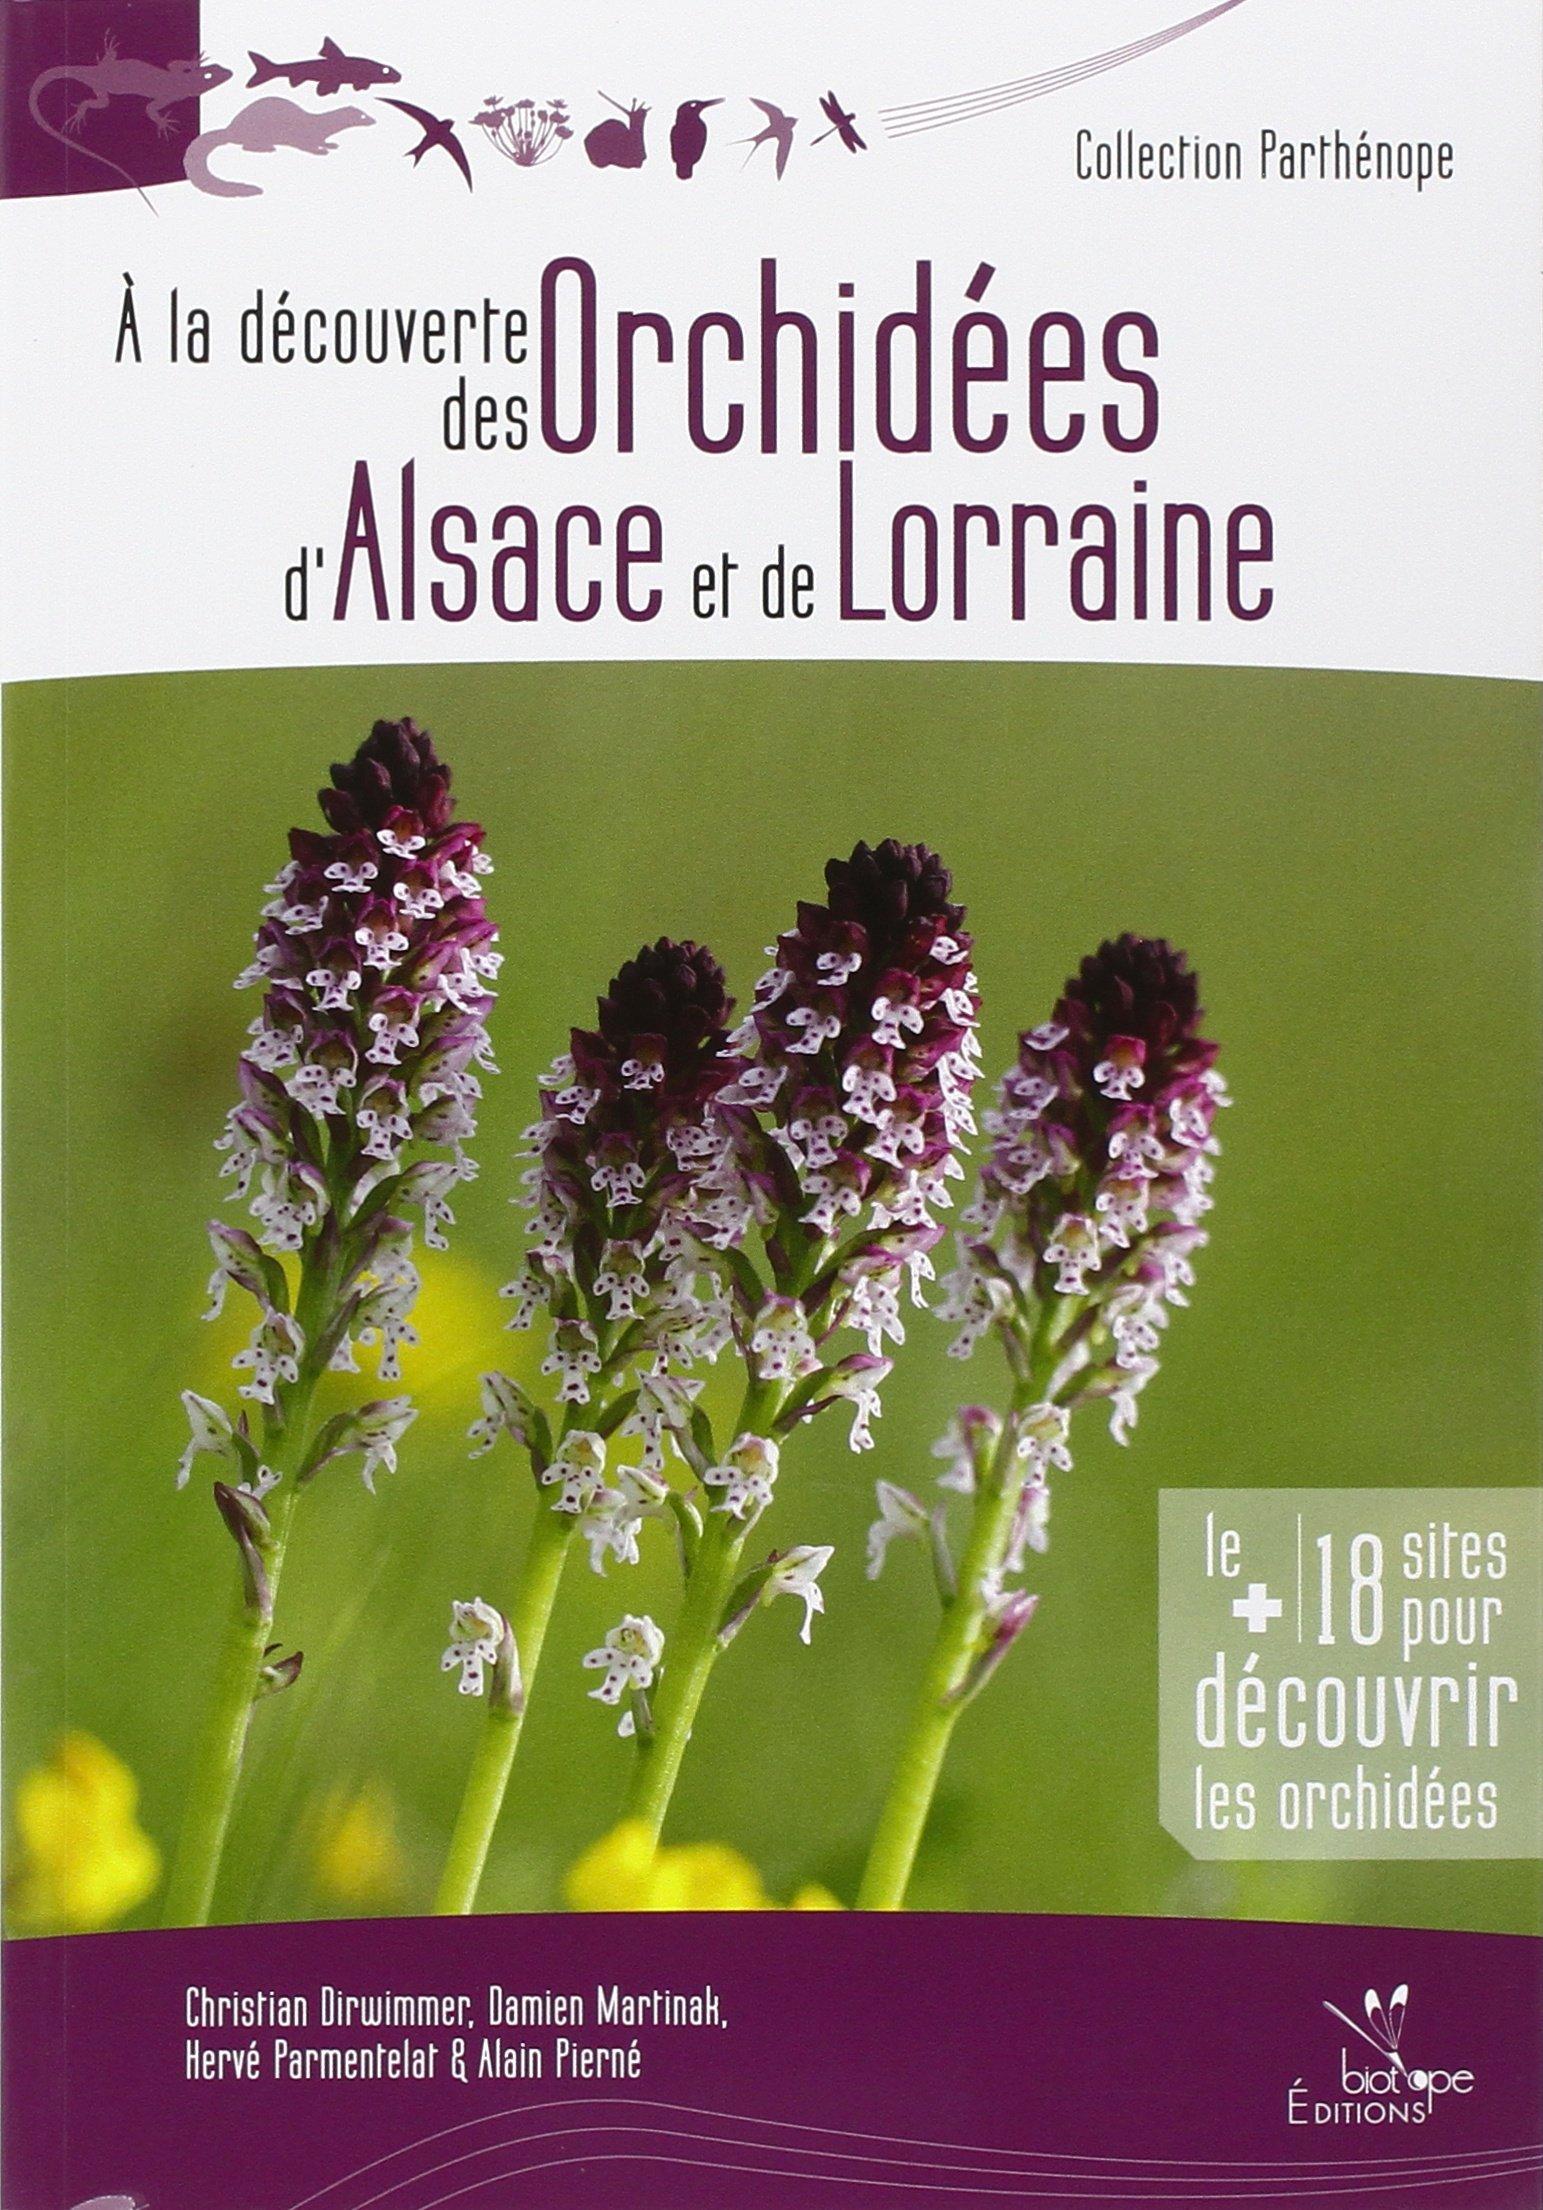 A la découverte des orchidées d'Alsace et de Lorraine